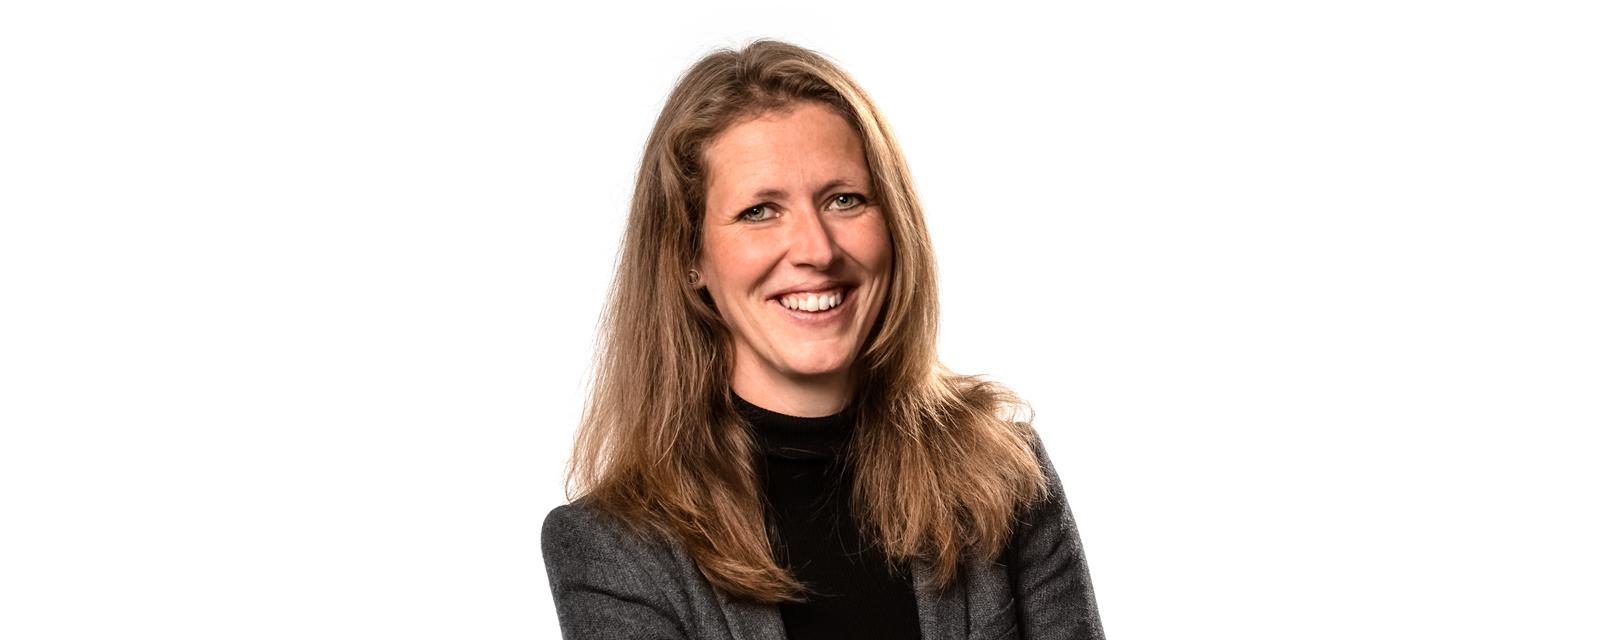 Rechtsanwältin Anne Köhler, Expertin für Arbeitsrecht und Datenschutz für Arztpraxen.